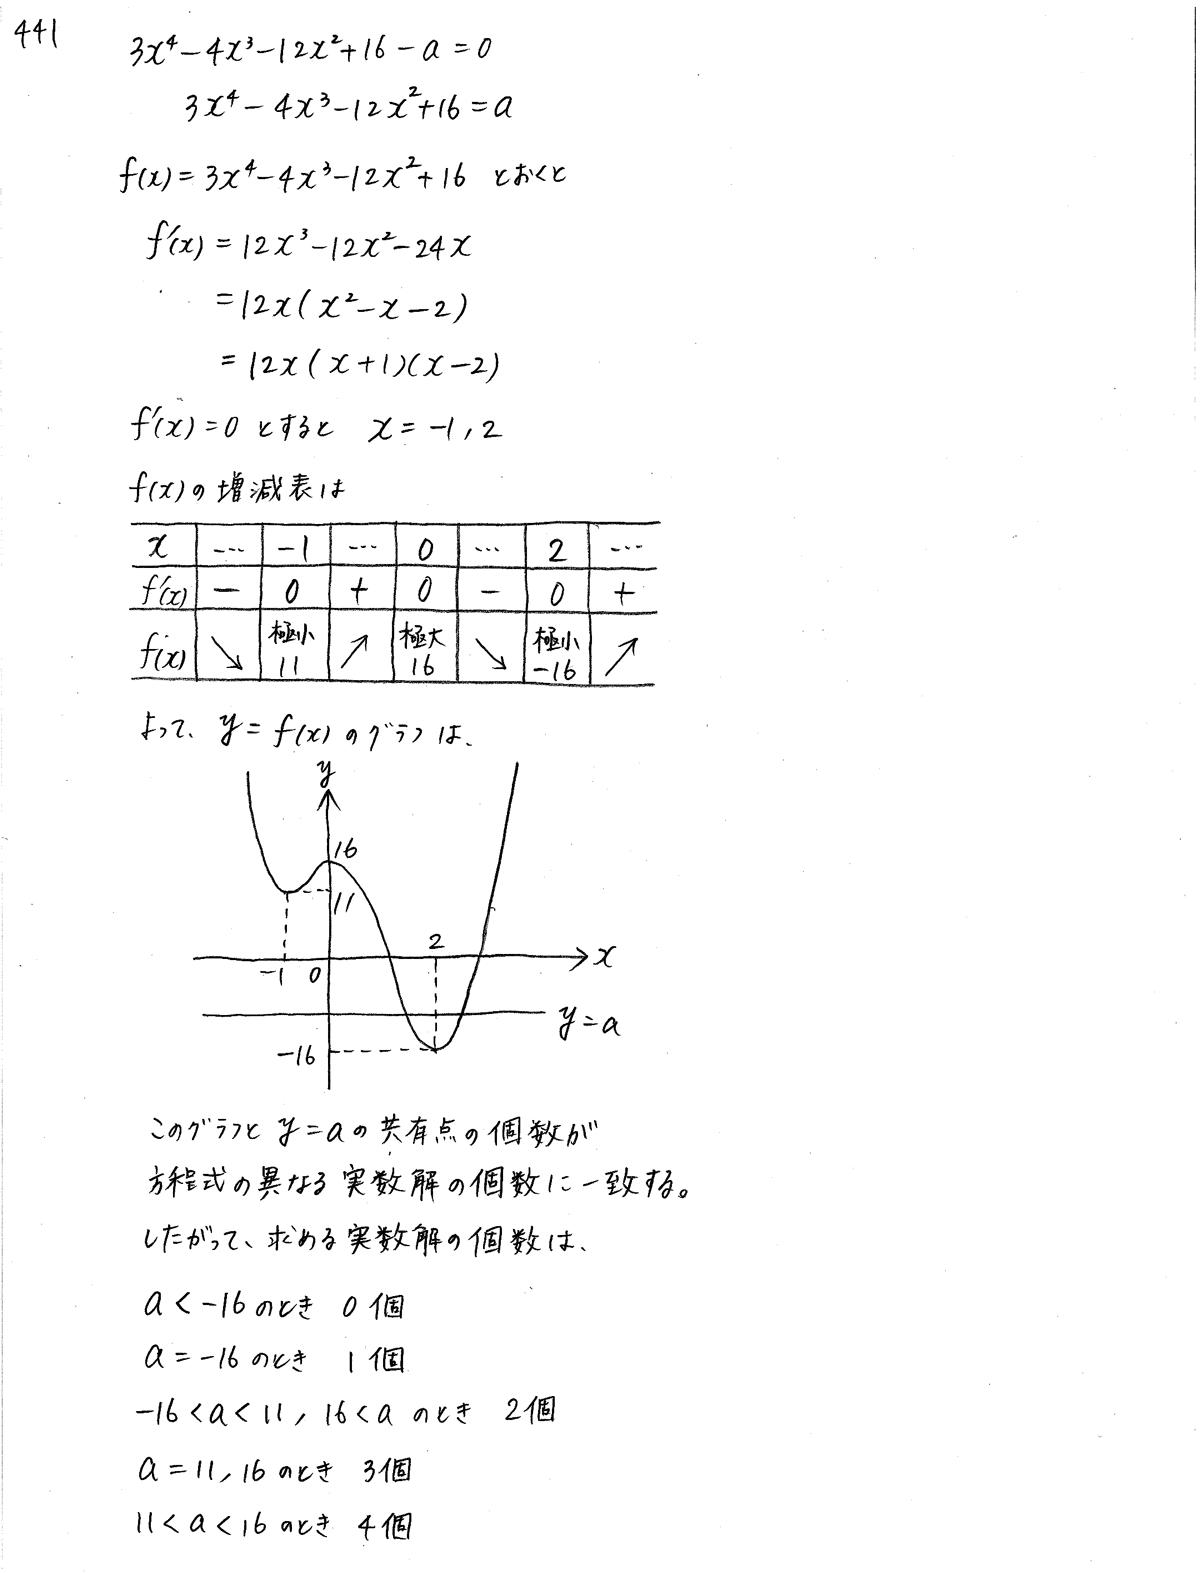 クリアー数学2-441解答